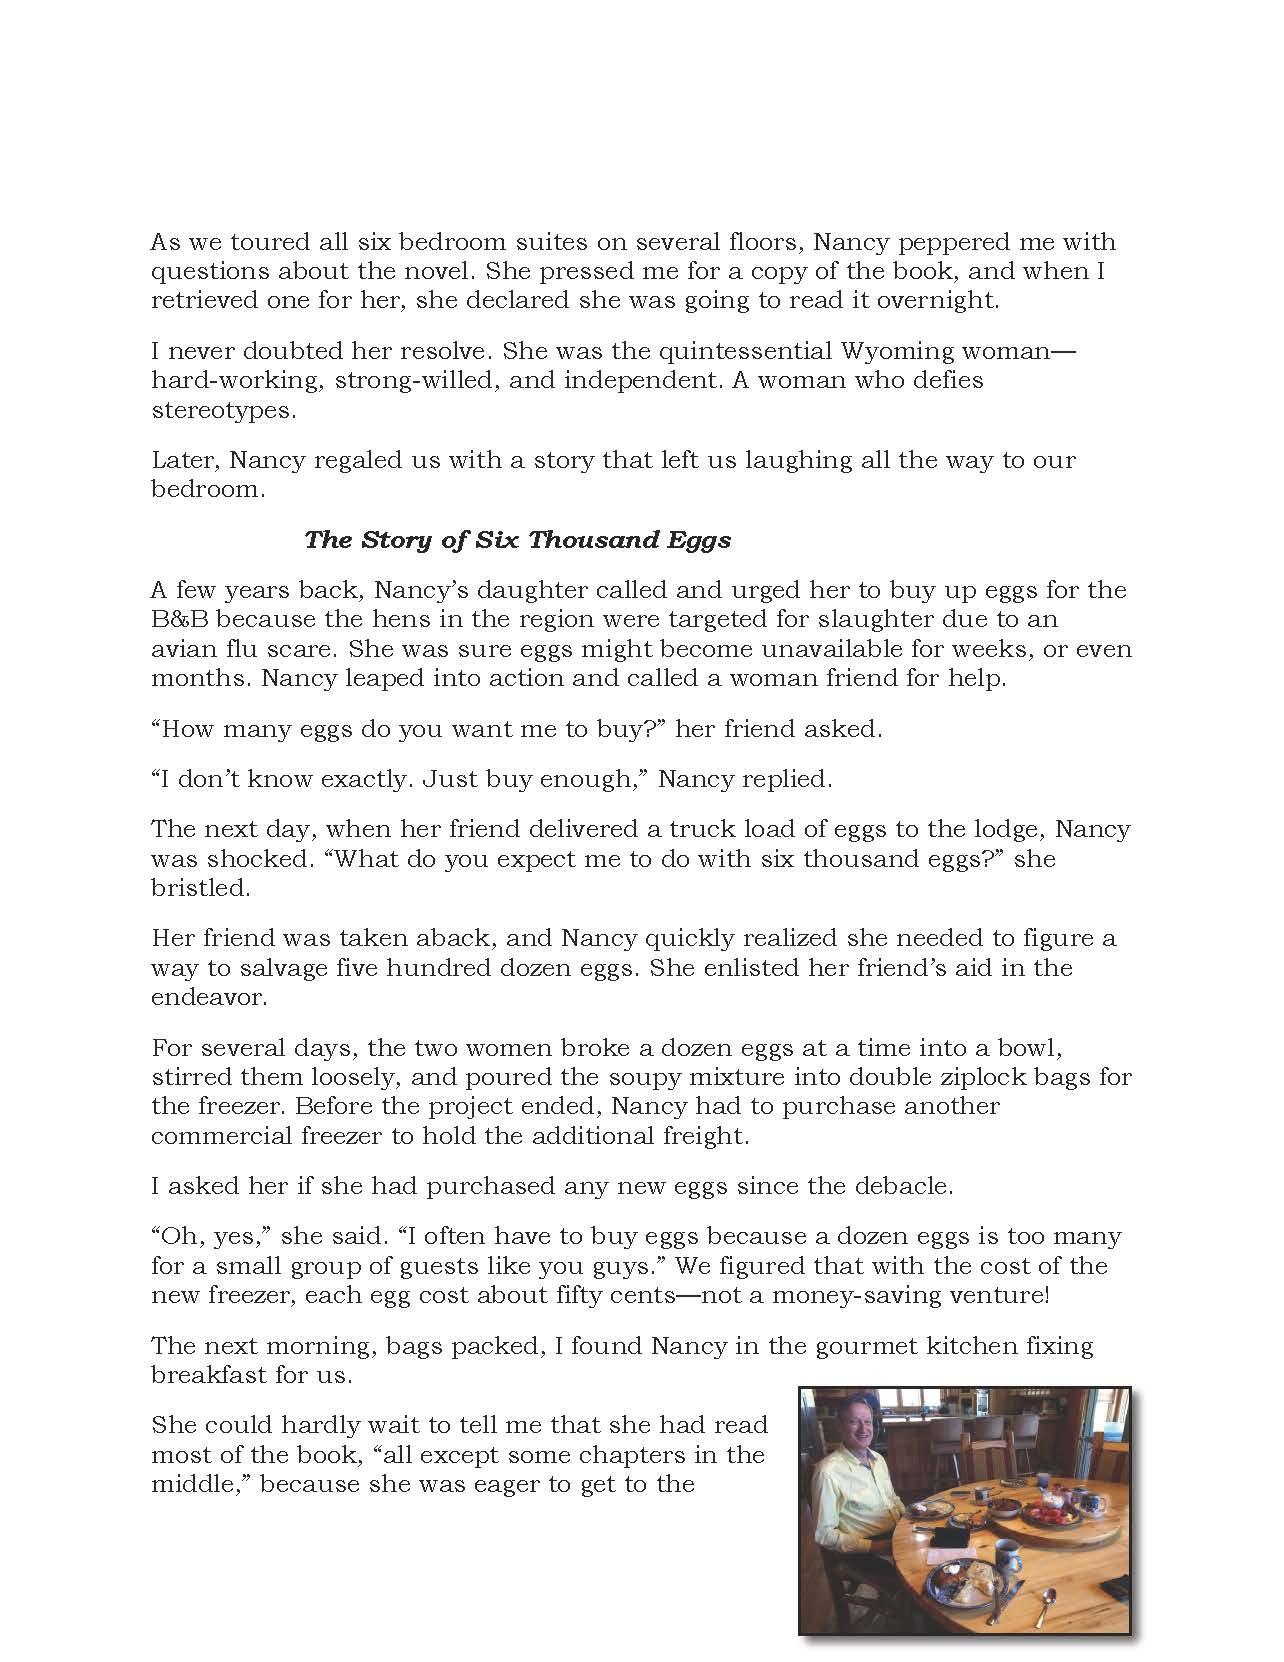 wyoming-book-tour-master-rev-10-23-16-1_page_08